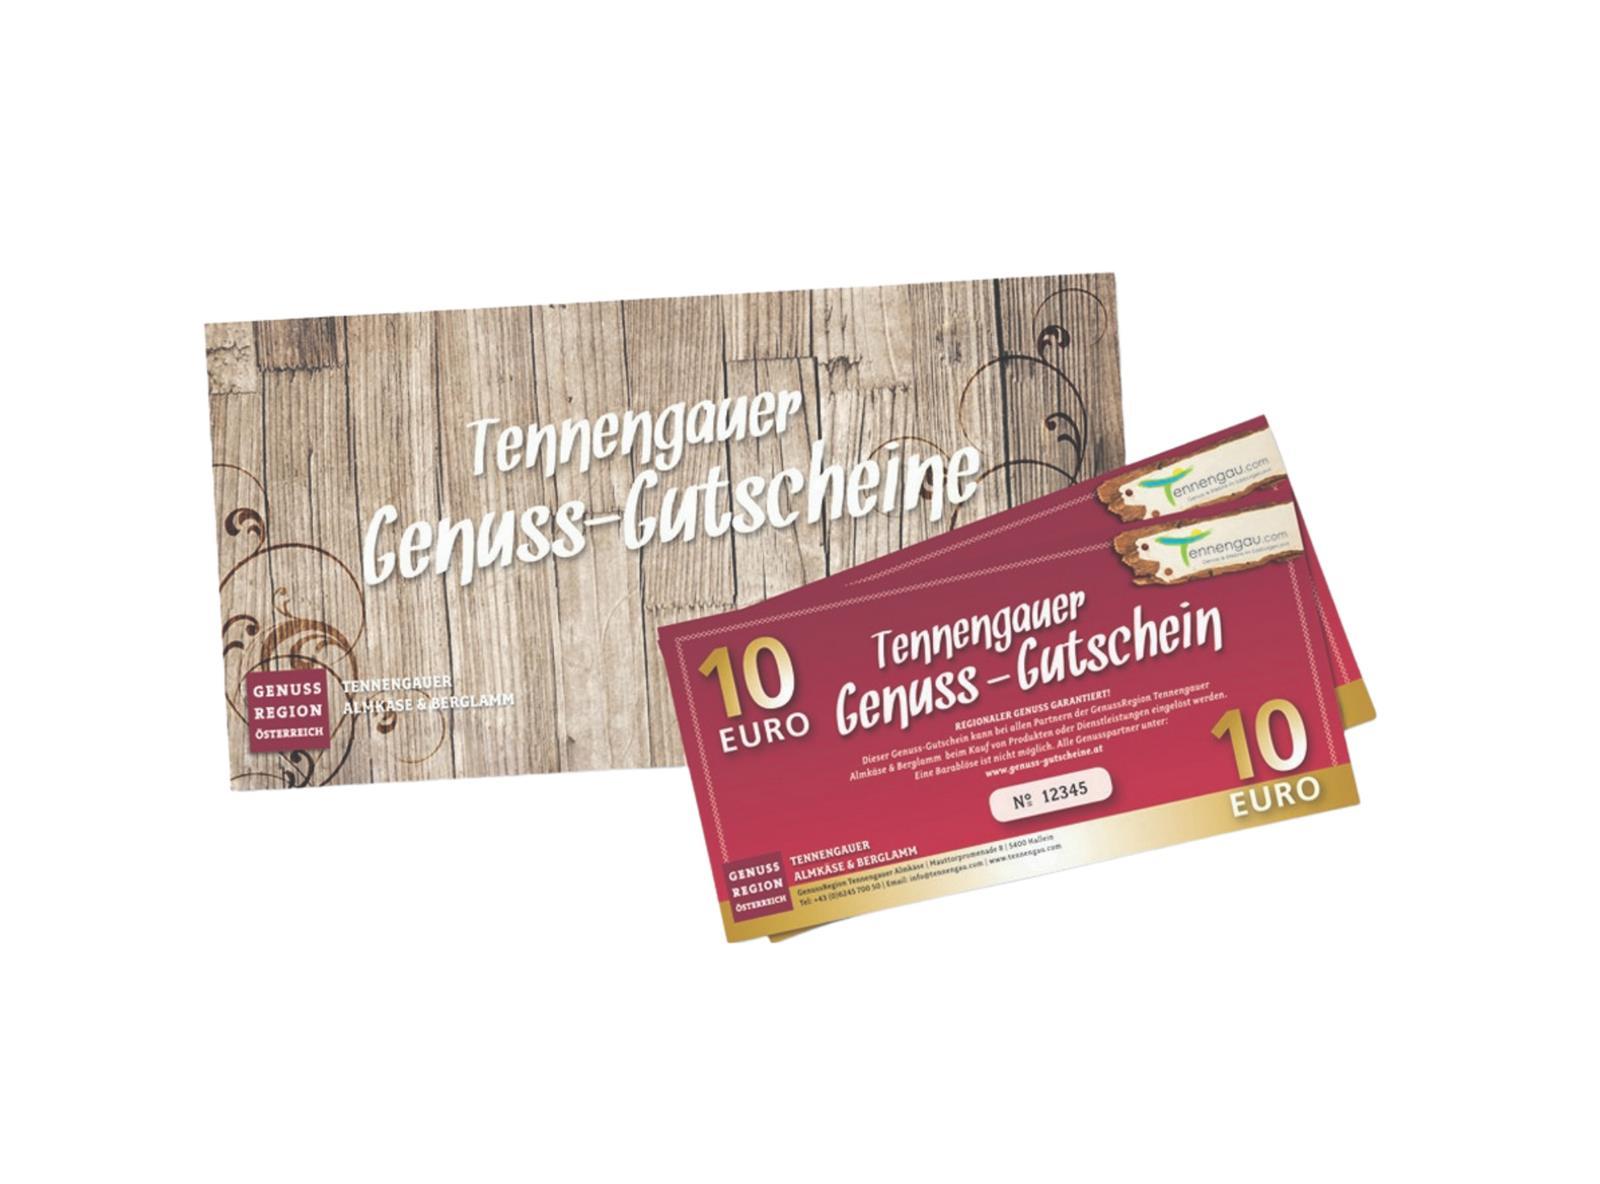 Tennengauer GenussGutscheine | ©Tennengau.com